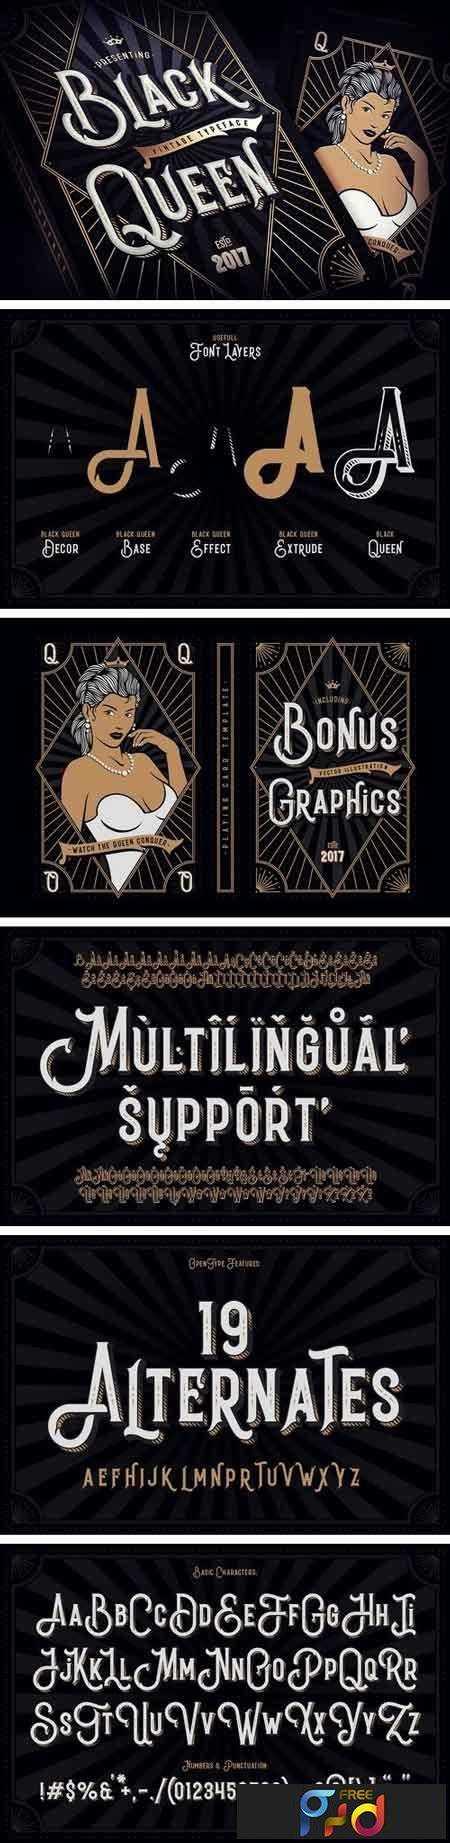 1804181 Black Queen font + bonus graphics 1980933 1